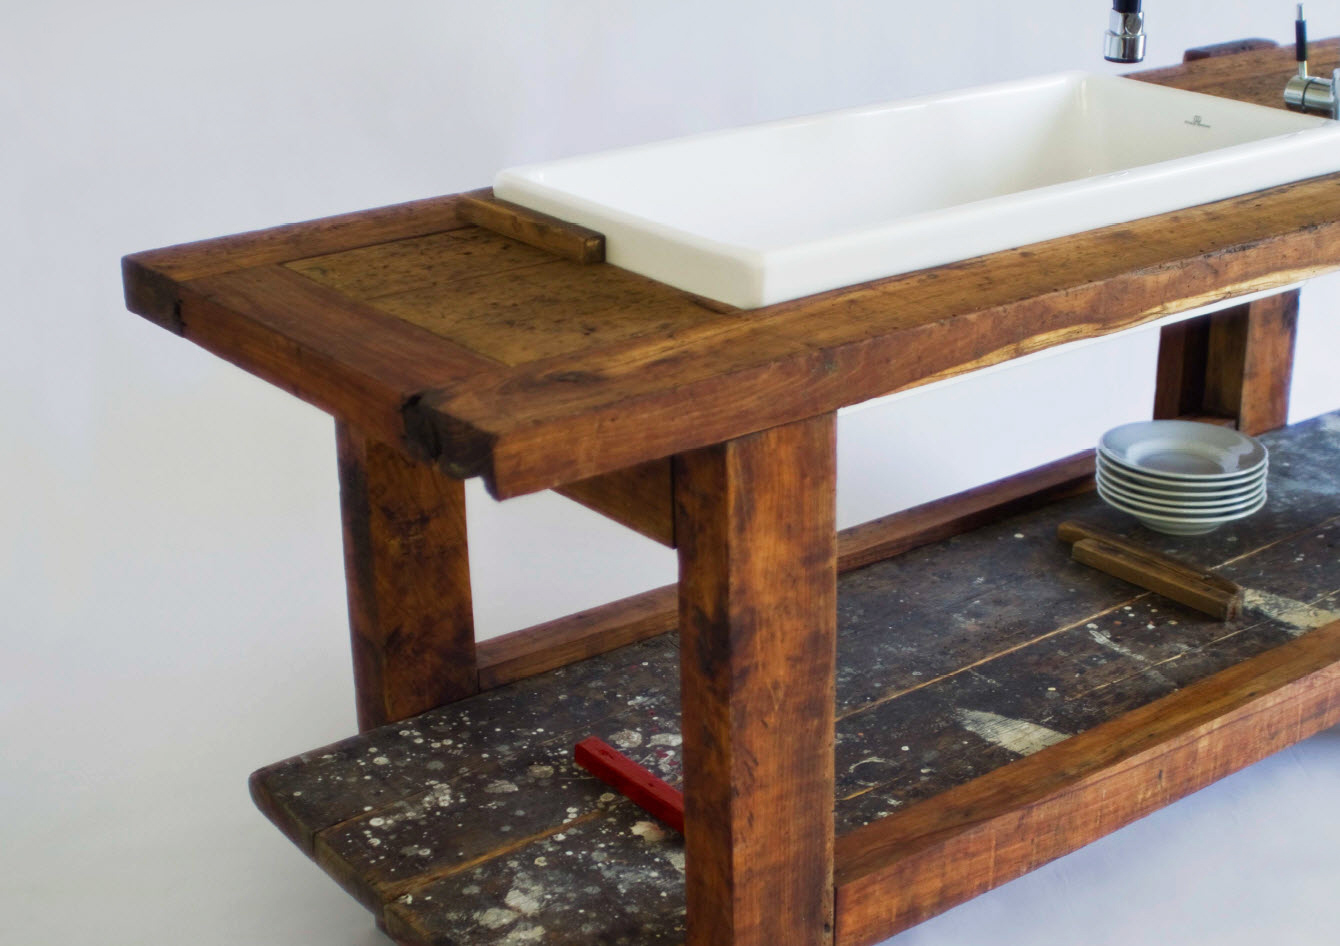 Ryd studio rella yacht interior design un vecchio portone un vecchio banco da falegname - Tavolo da falegname usato ...